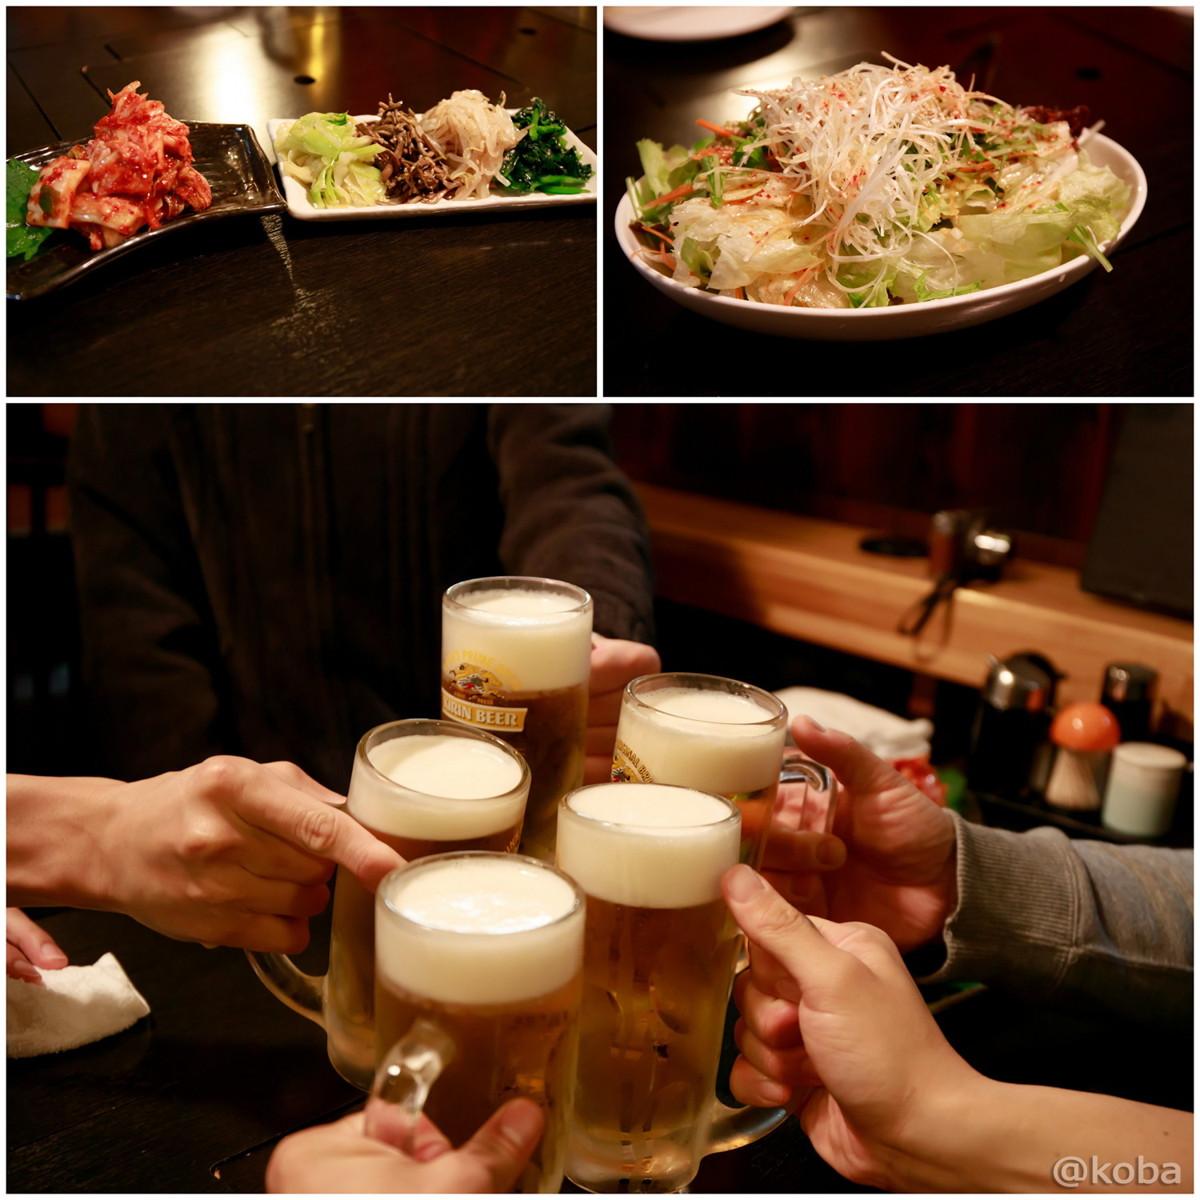 キムチ・ナムル盛り合わせ・サラダ キリン生ビールで乾杯~_JR小岩駅 焼肉市場 2号店 森下精肉店